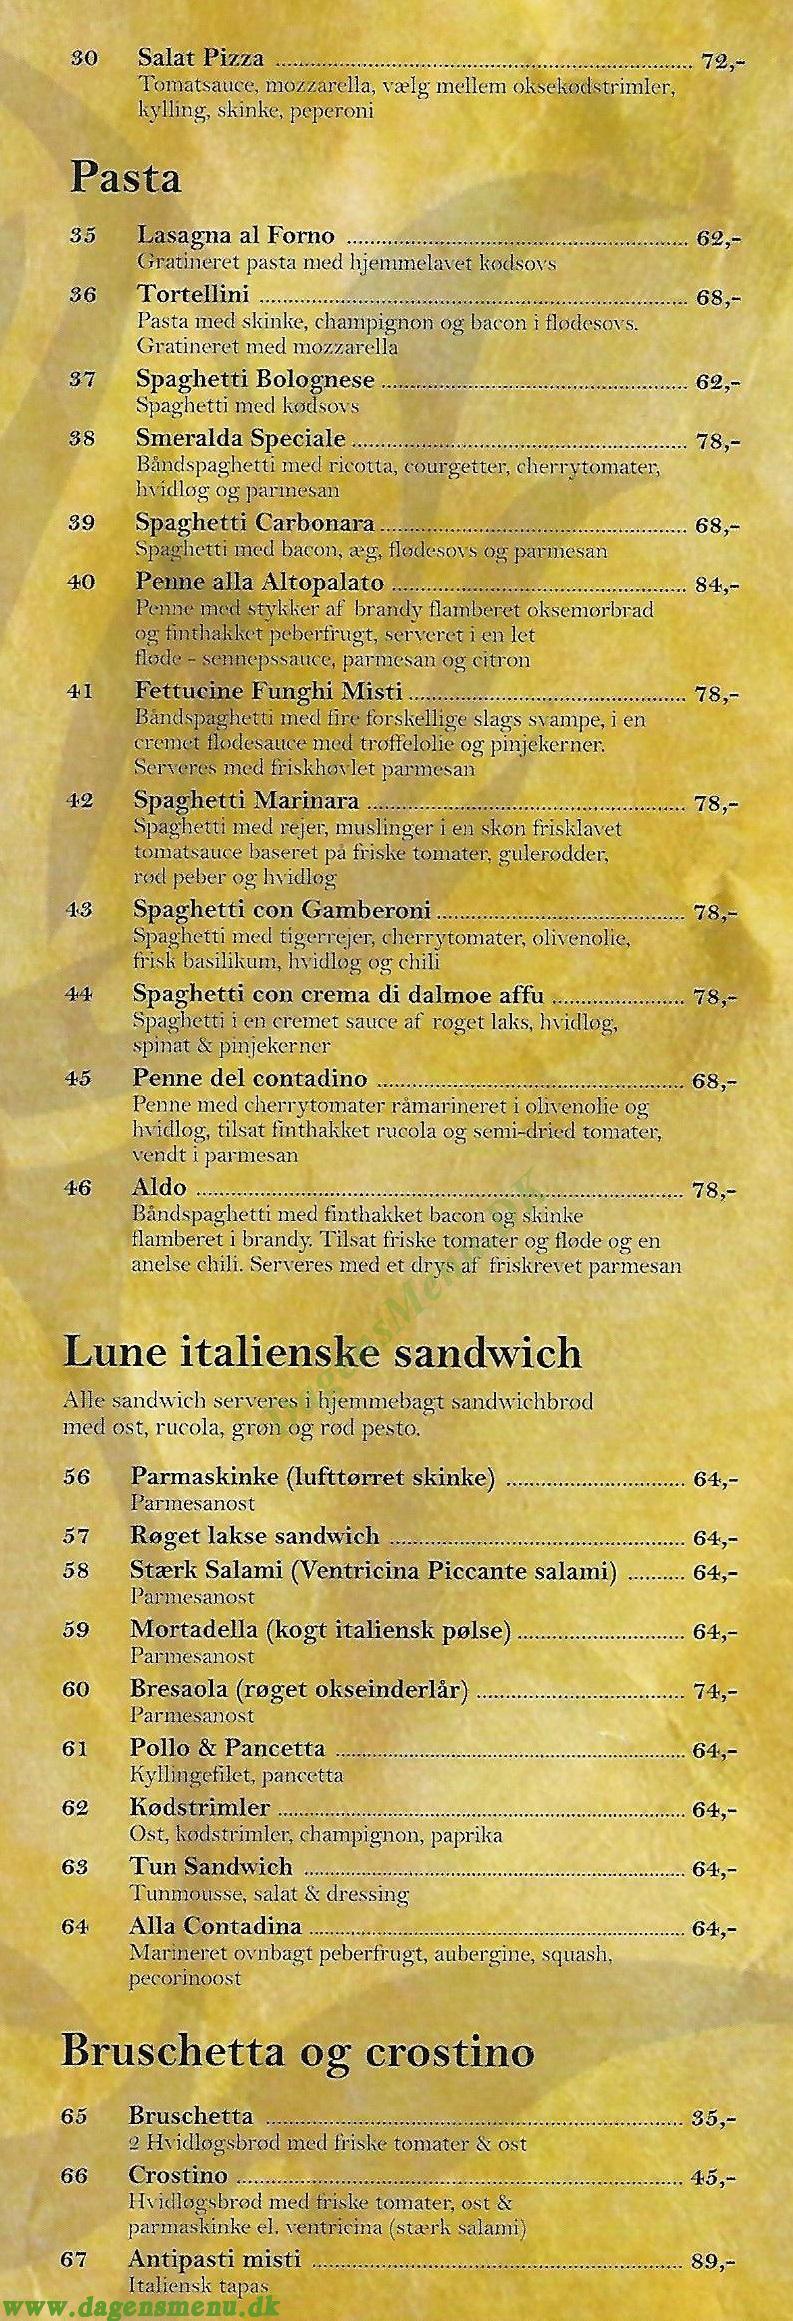 Gastronomia IL Fiore - Menukort